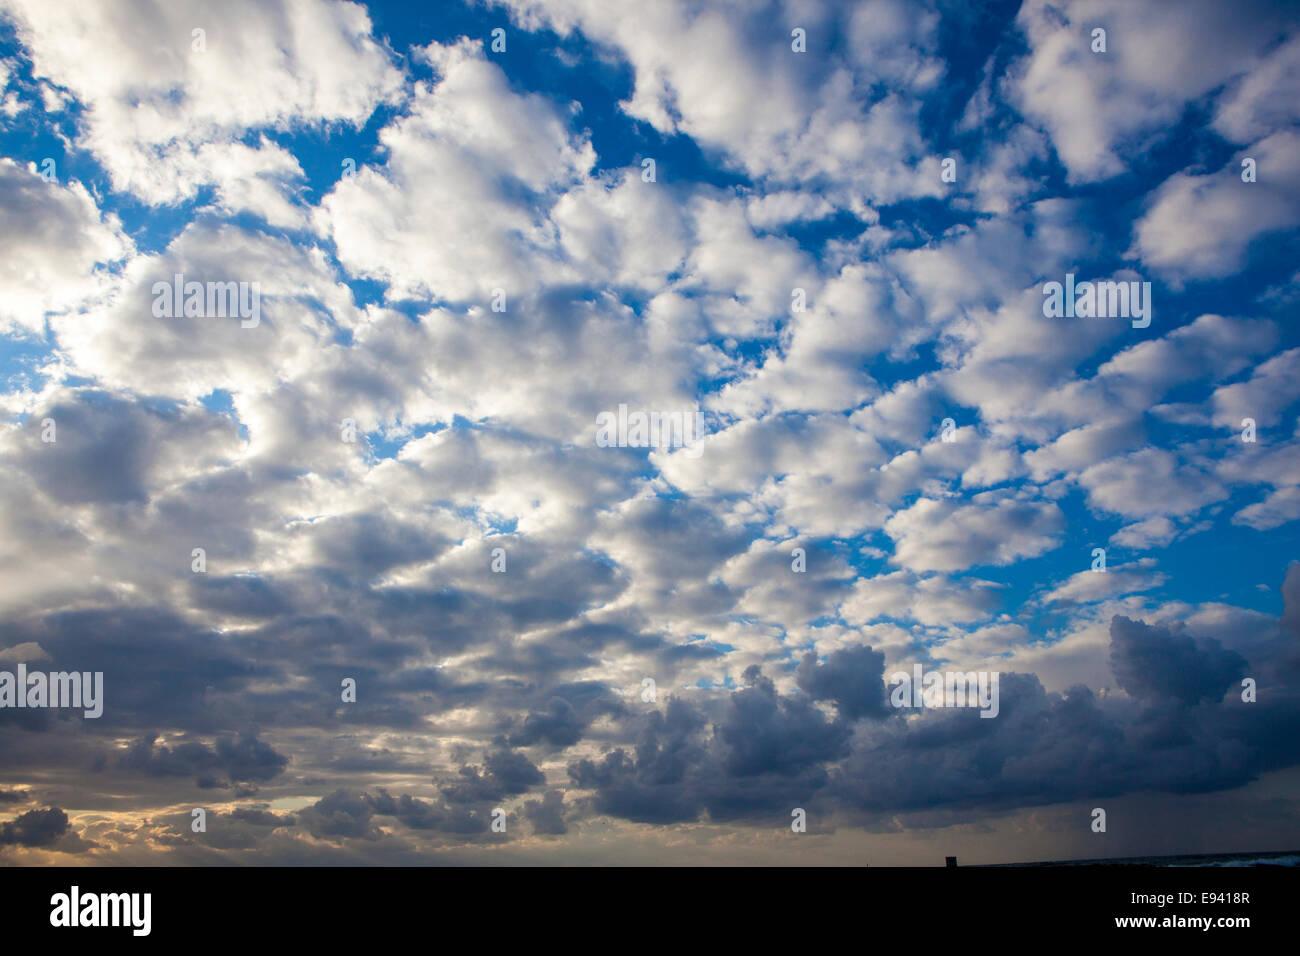 Cumulus Wolkengebilde weiße Wolken im blauen Himmelshintergrund Stockbild